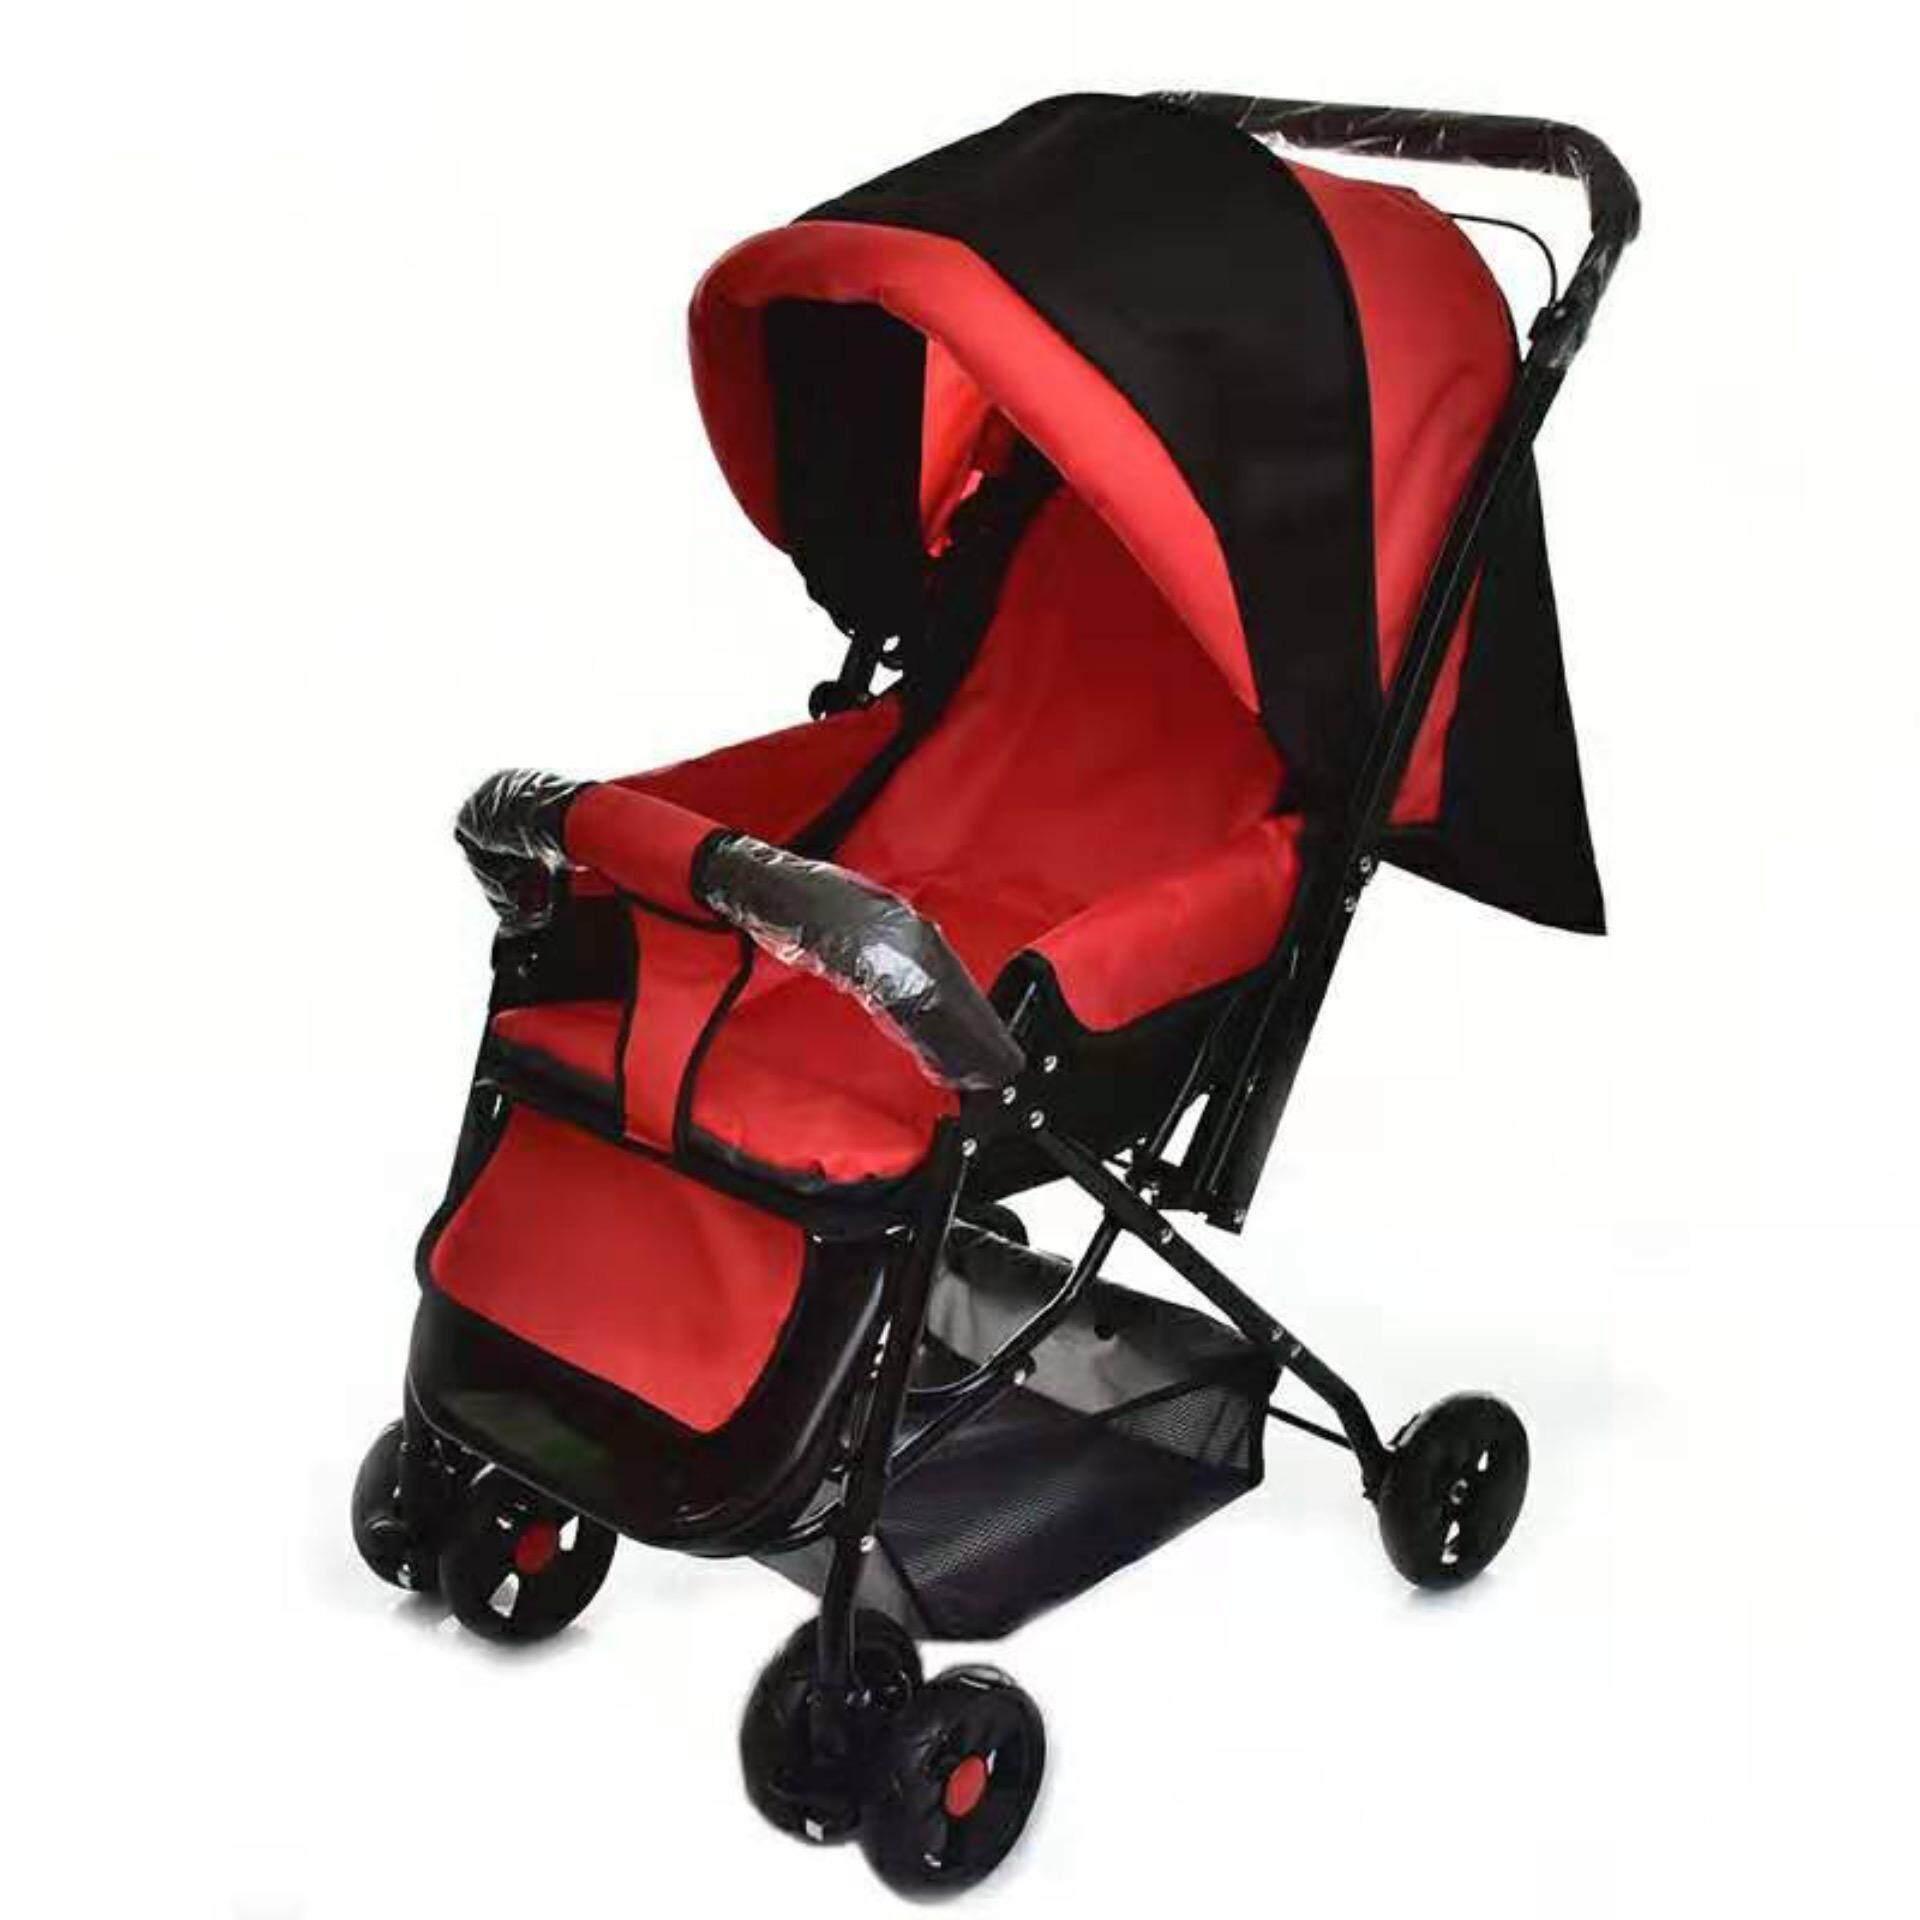 รถเข็นเด็ก ปรับได้ 3 ระดับ น้ำหนักเบา รองรับหนัก (นั่ง/เอน/นอน) เข็นได้ทั้งหน้า-หลัง ( ใช้ได้ตั้งแต่แรกเกิด ) รุ่น T9701 #